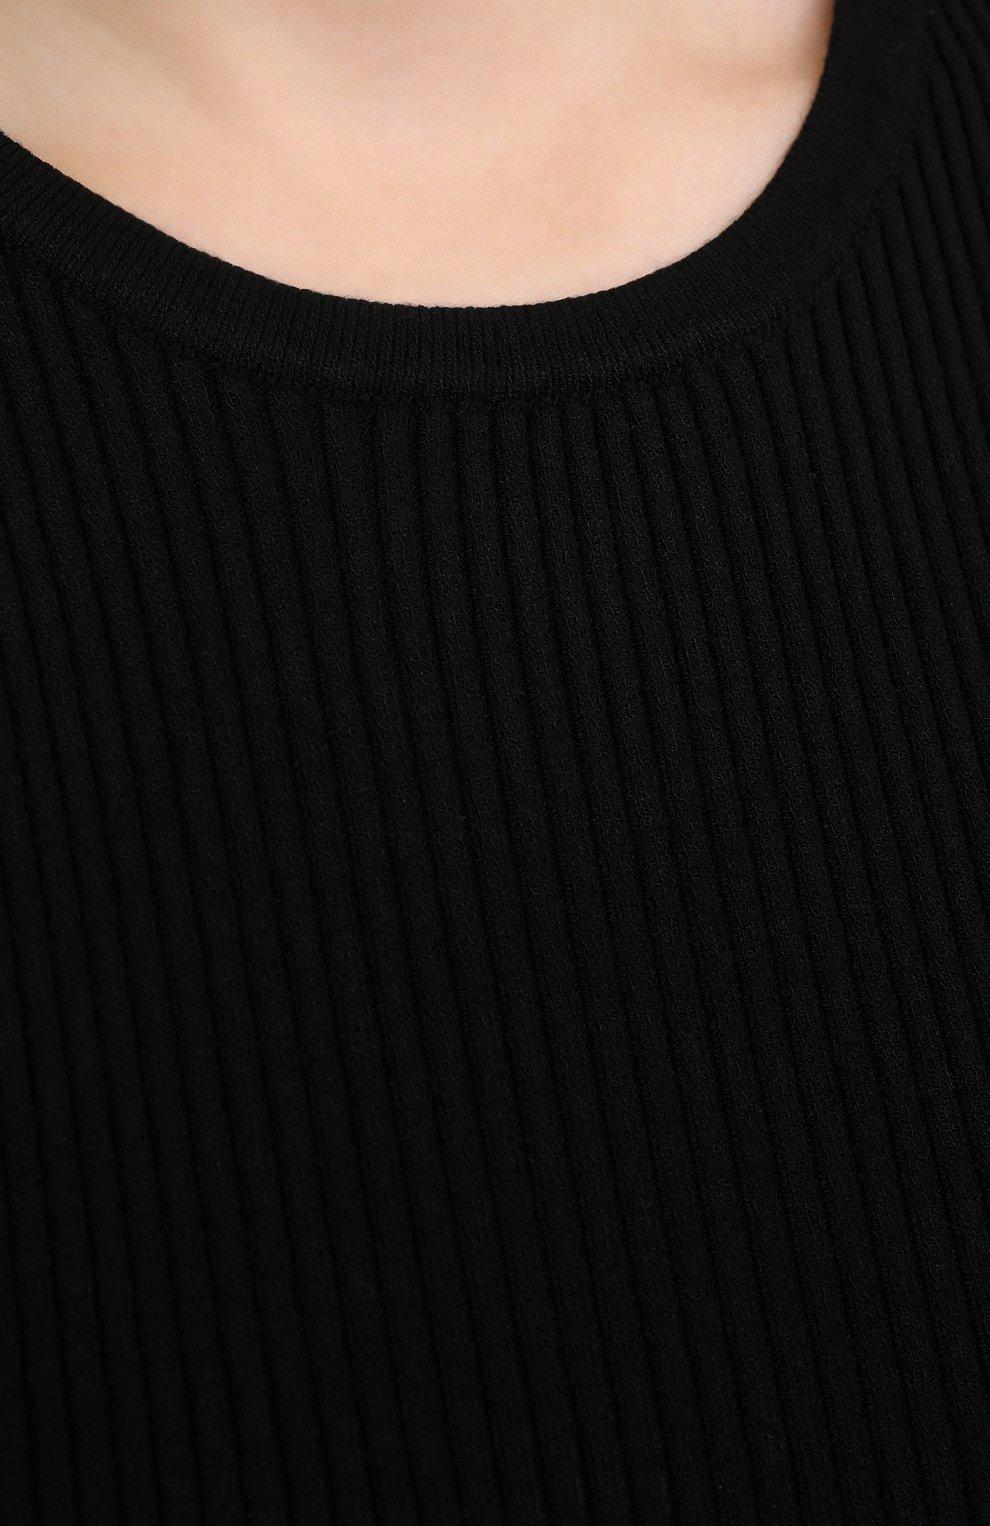 Женский топ из вискозы NANUSHKA черного цвета, арт. JAYA_BLACK_C0MF0RT KNIT | Фото 5